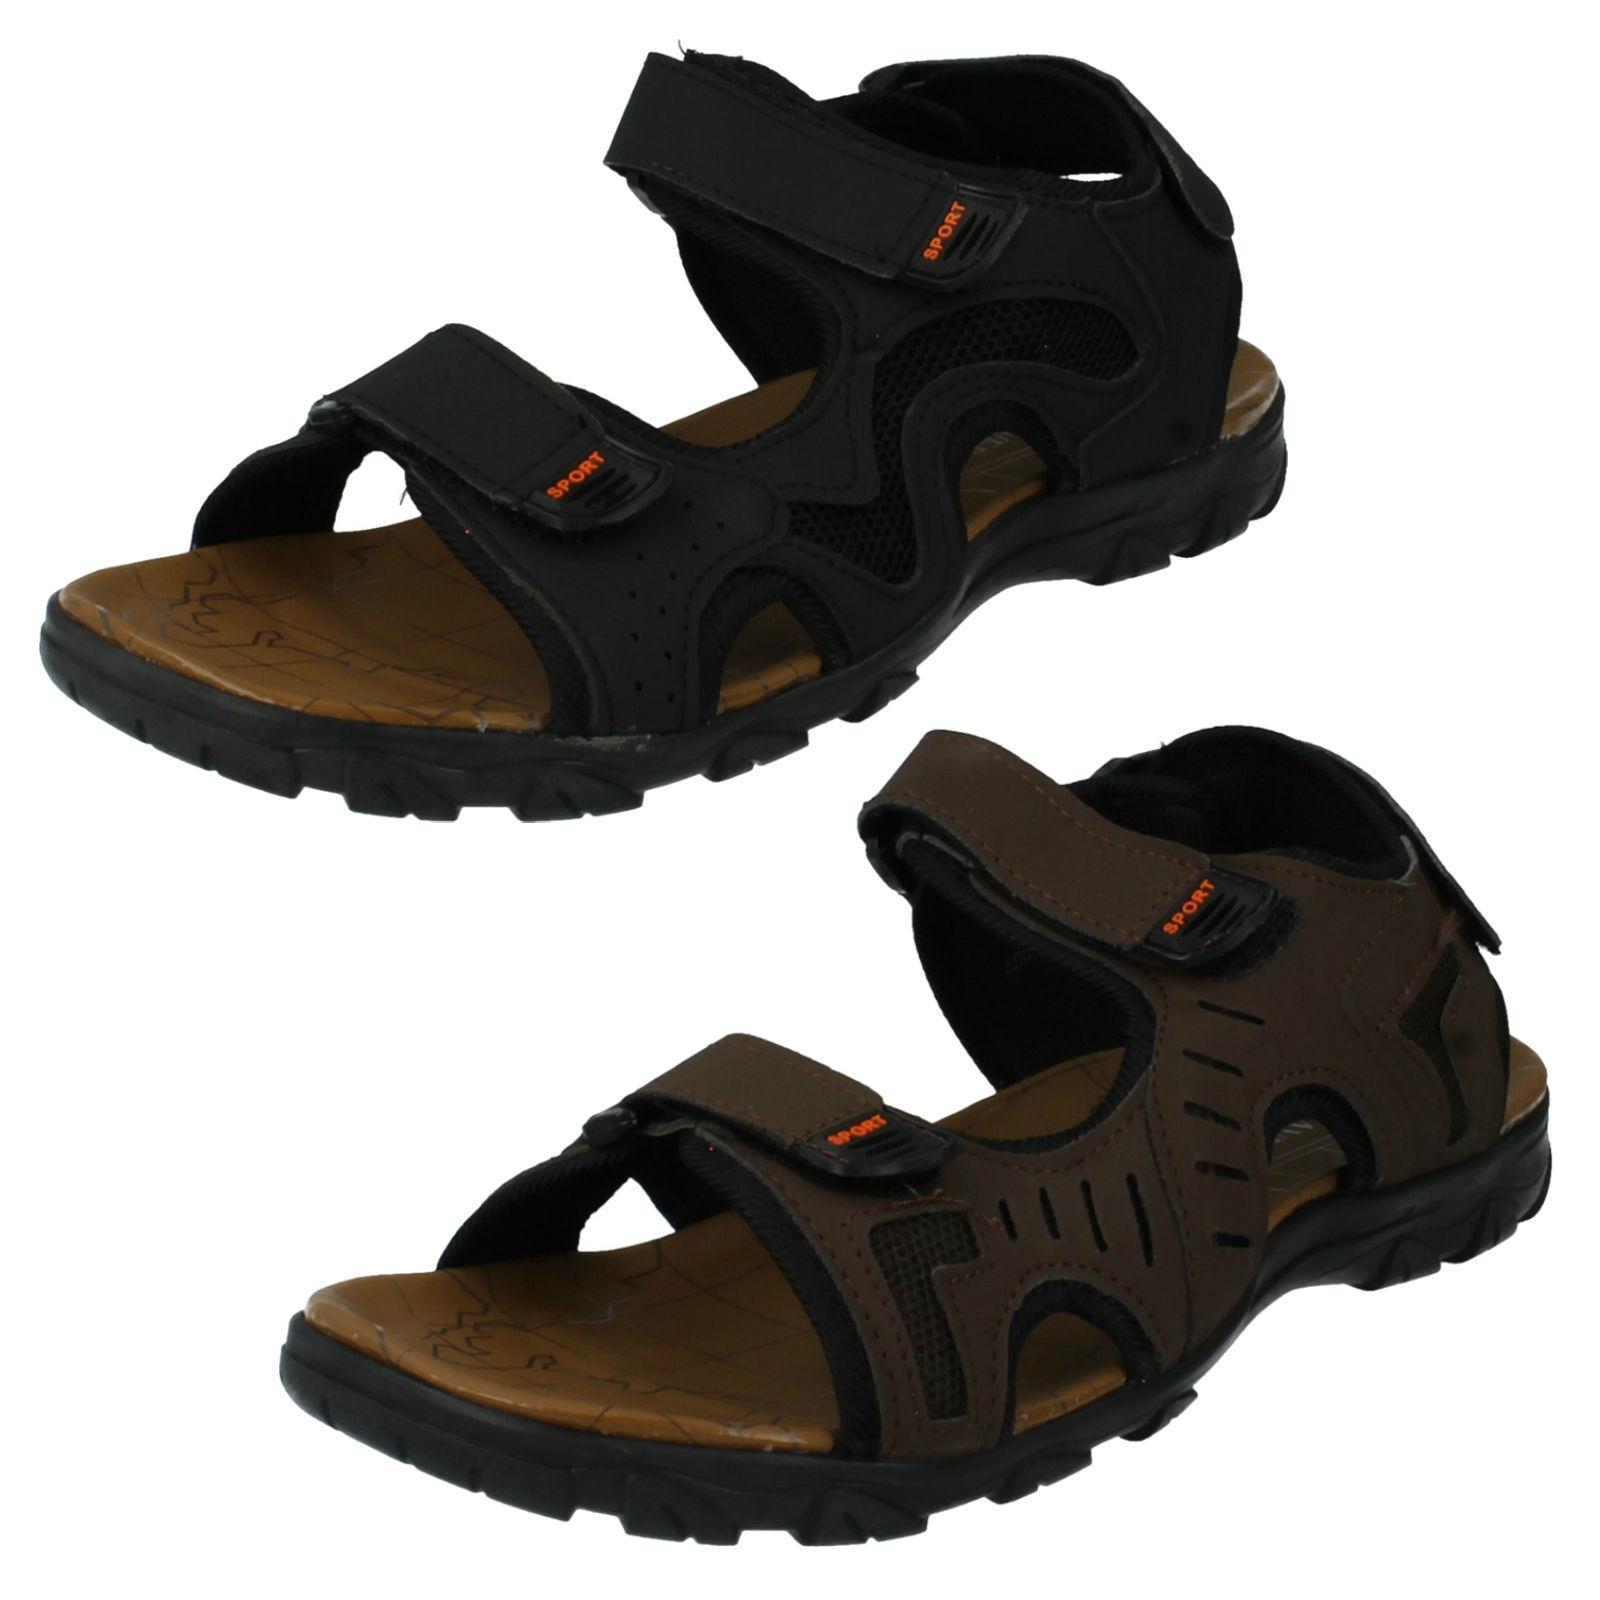 Mens black/brown maverick open toe sandals a0r041